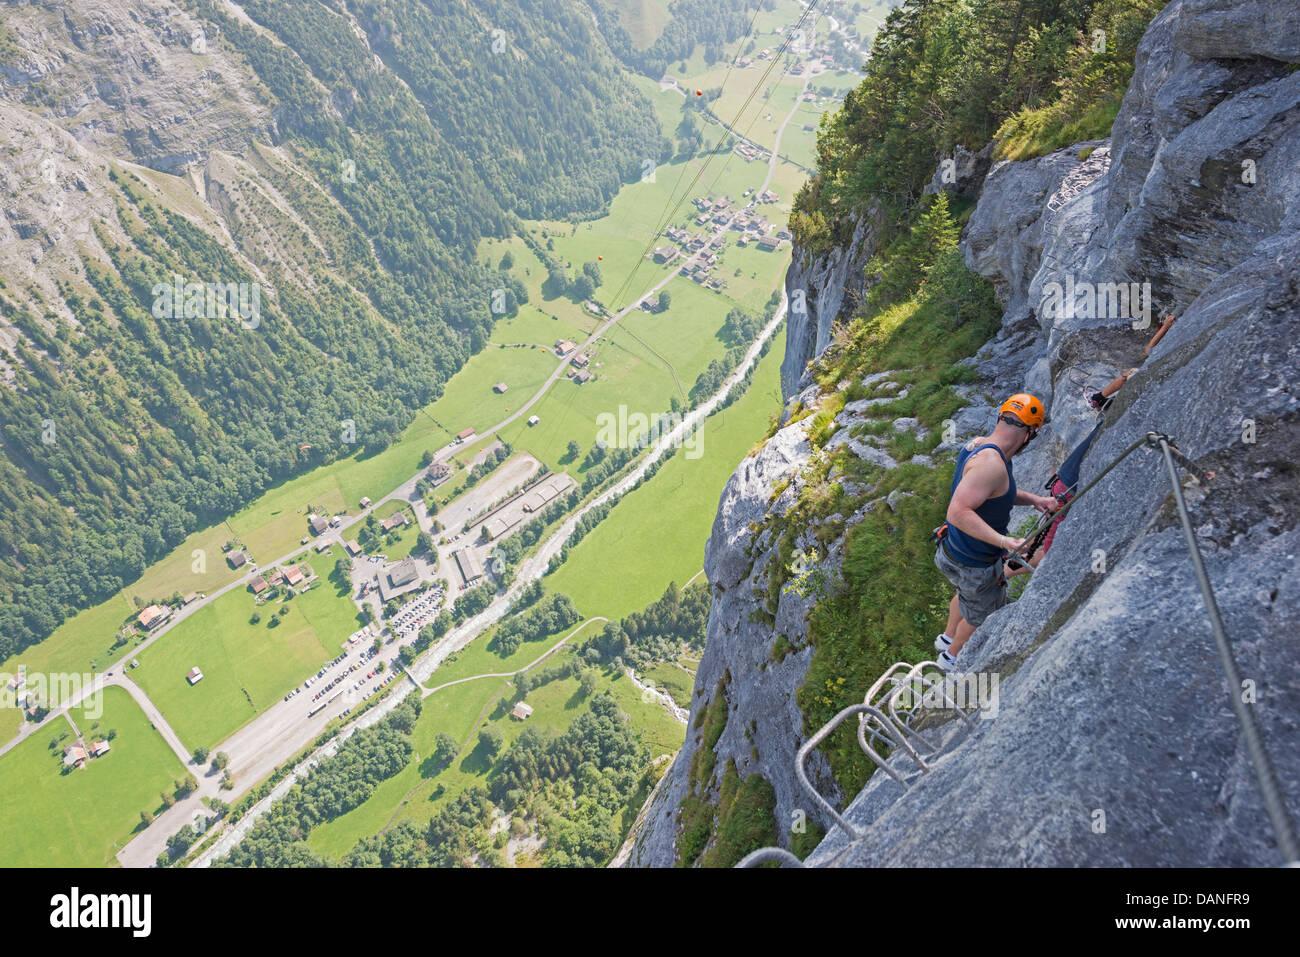 Klettersteig Bern : Europa schweizer alpen schweiz berner oberland unesco mürren